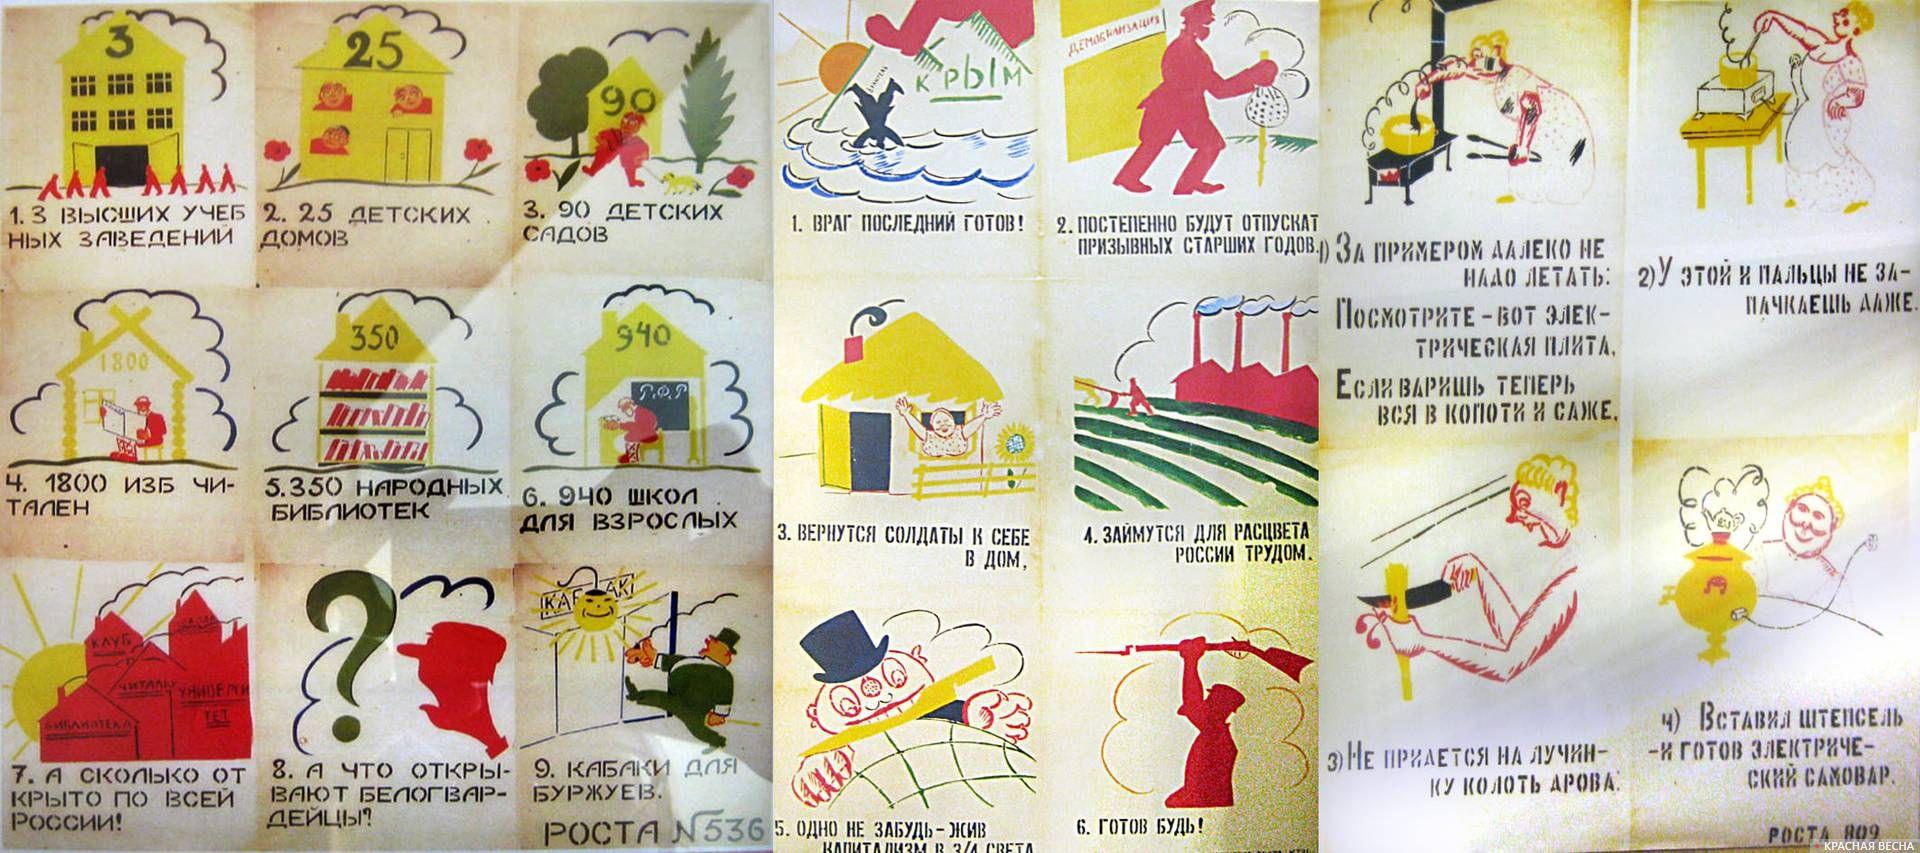 Копии выпусков «Окна РОСТА» №№536, 783, 809